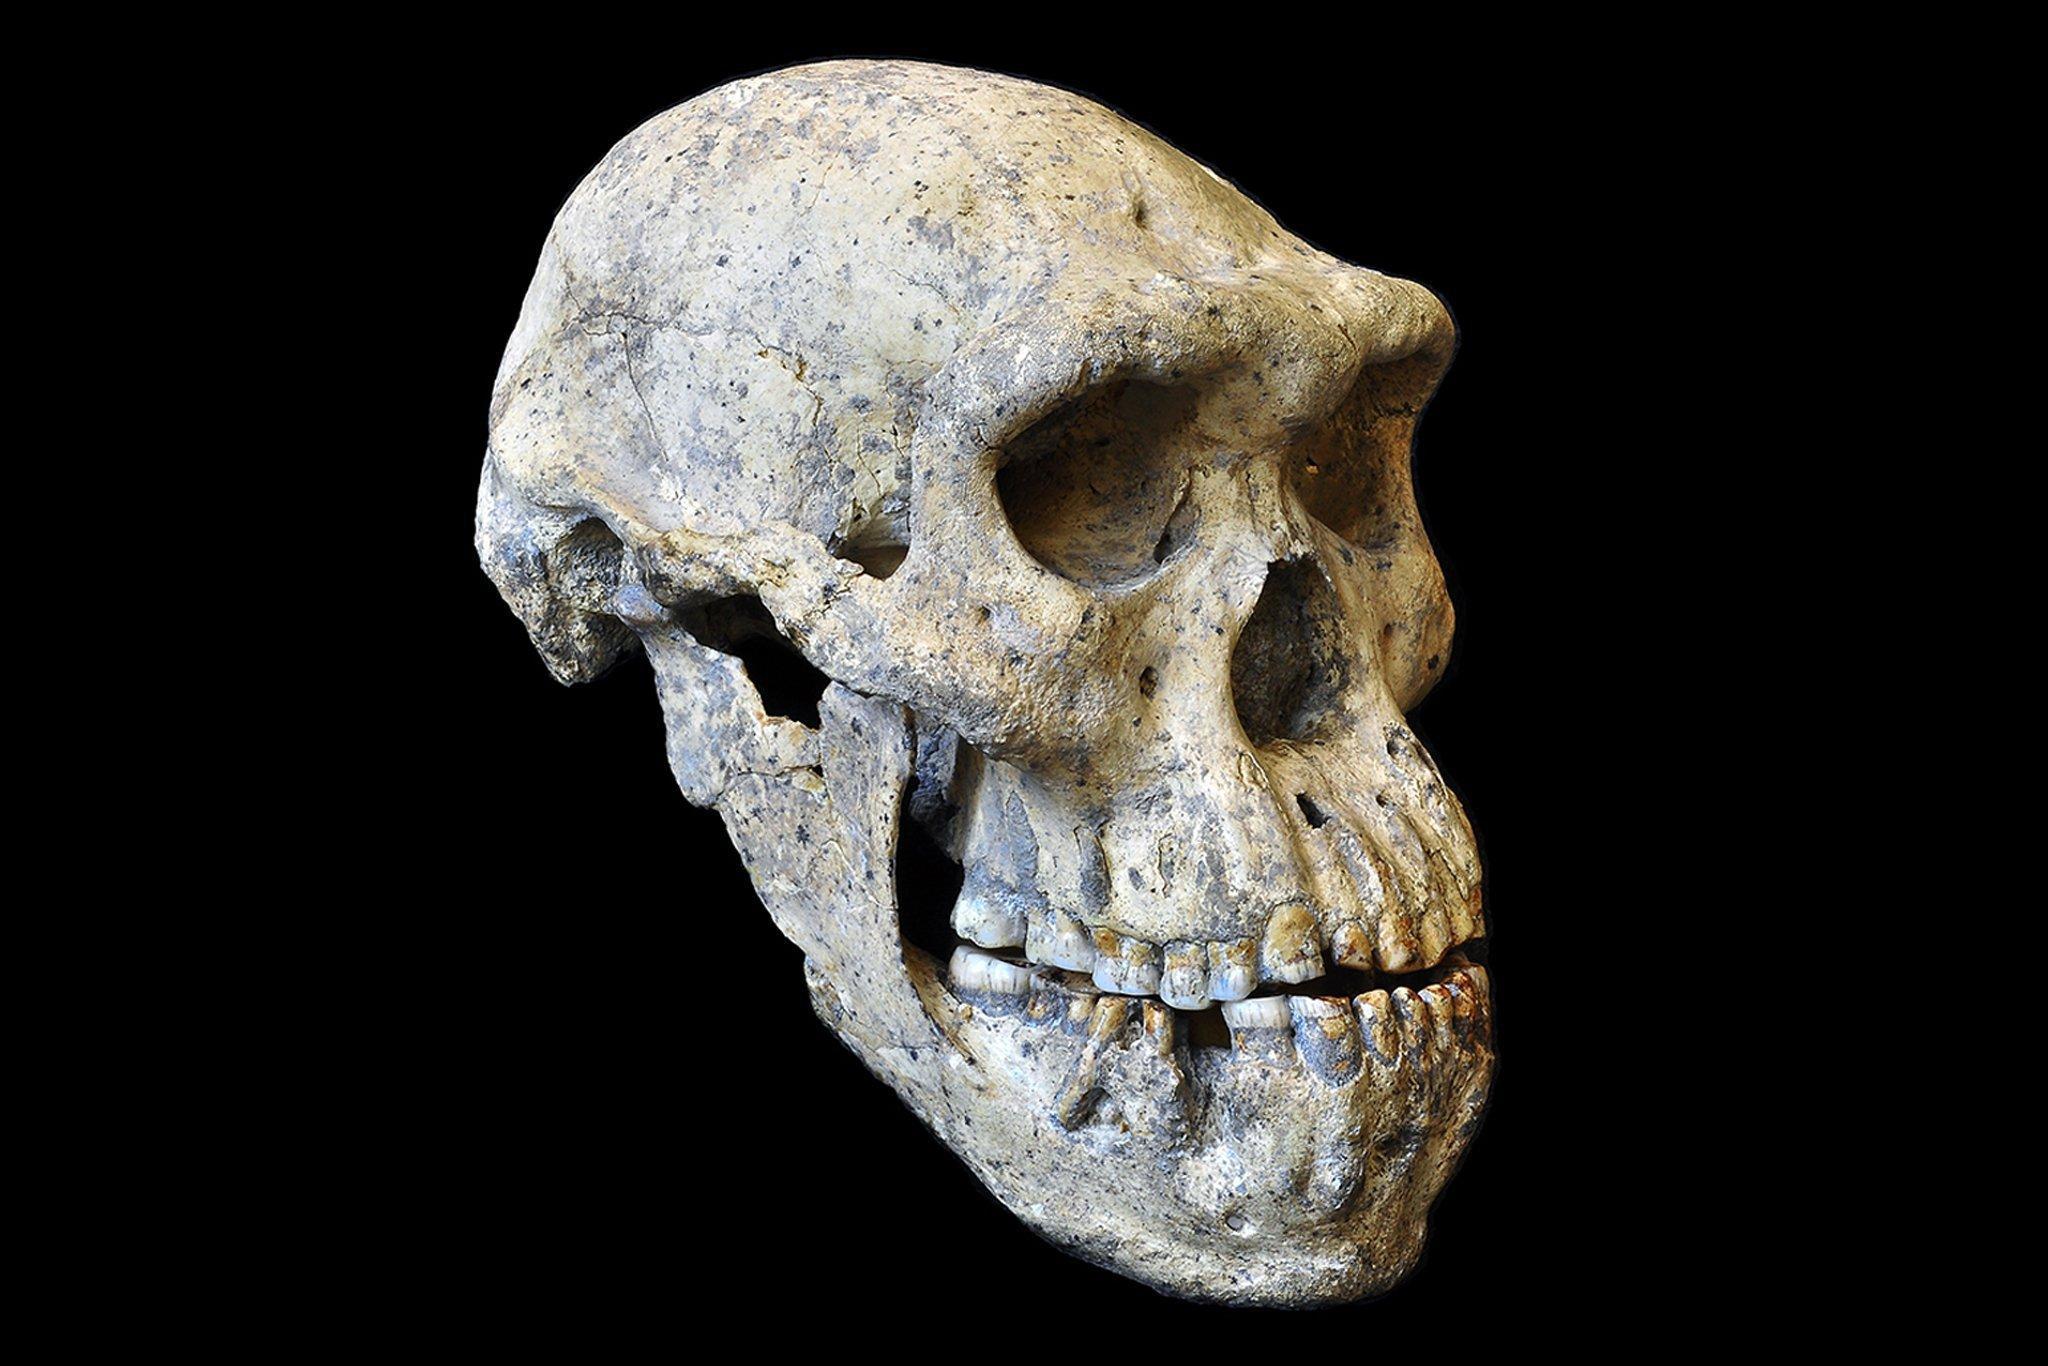 Das Foto zeigt den perfekt erhaltenen versteinerten Schädel, der in der georgischen Ruinenstadt Dmanisi als fünftes Fossil nach vier anderen Schädeln ausgegraben wurde. Der Ur- oder Vormensch besaß ein ungewöhnlich kleines Gehirn, das ein Volumen von nur 546Kubikzentimeter aufwies. Er hatte zudem dicke Überaugenwülste und recht große Kiefer – das alles sind urtümliche Merkmale. Die anderen, an derselben Stelle gefundenen Schädel wirken dagegen deutlich moderner. Aber alle stammen aus dergleichen Zeit vor 1,8Millionen Jahren.